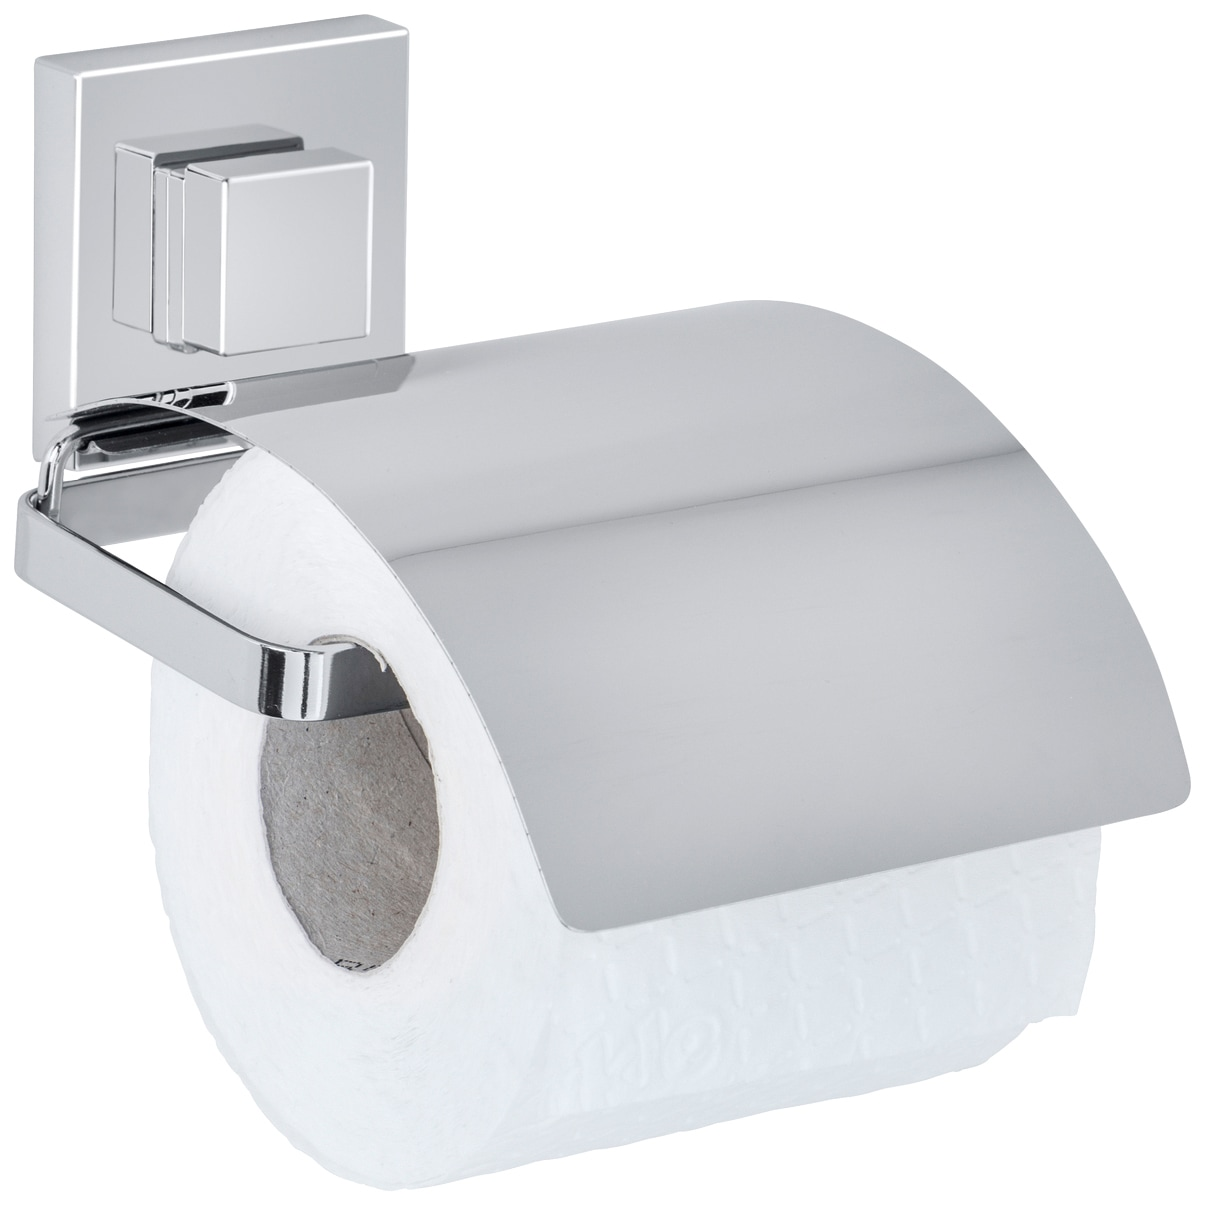 WENKO Toilettenpapierhalter »Vacuum-Loc Quadro«, Befestigen ohne bohren | Bad > Bad-Accessoires > Toilettenpapierhalter | Wenko